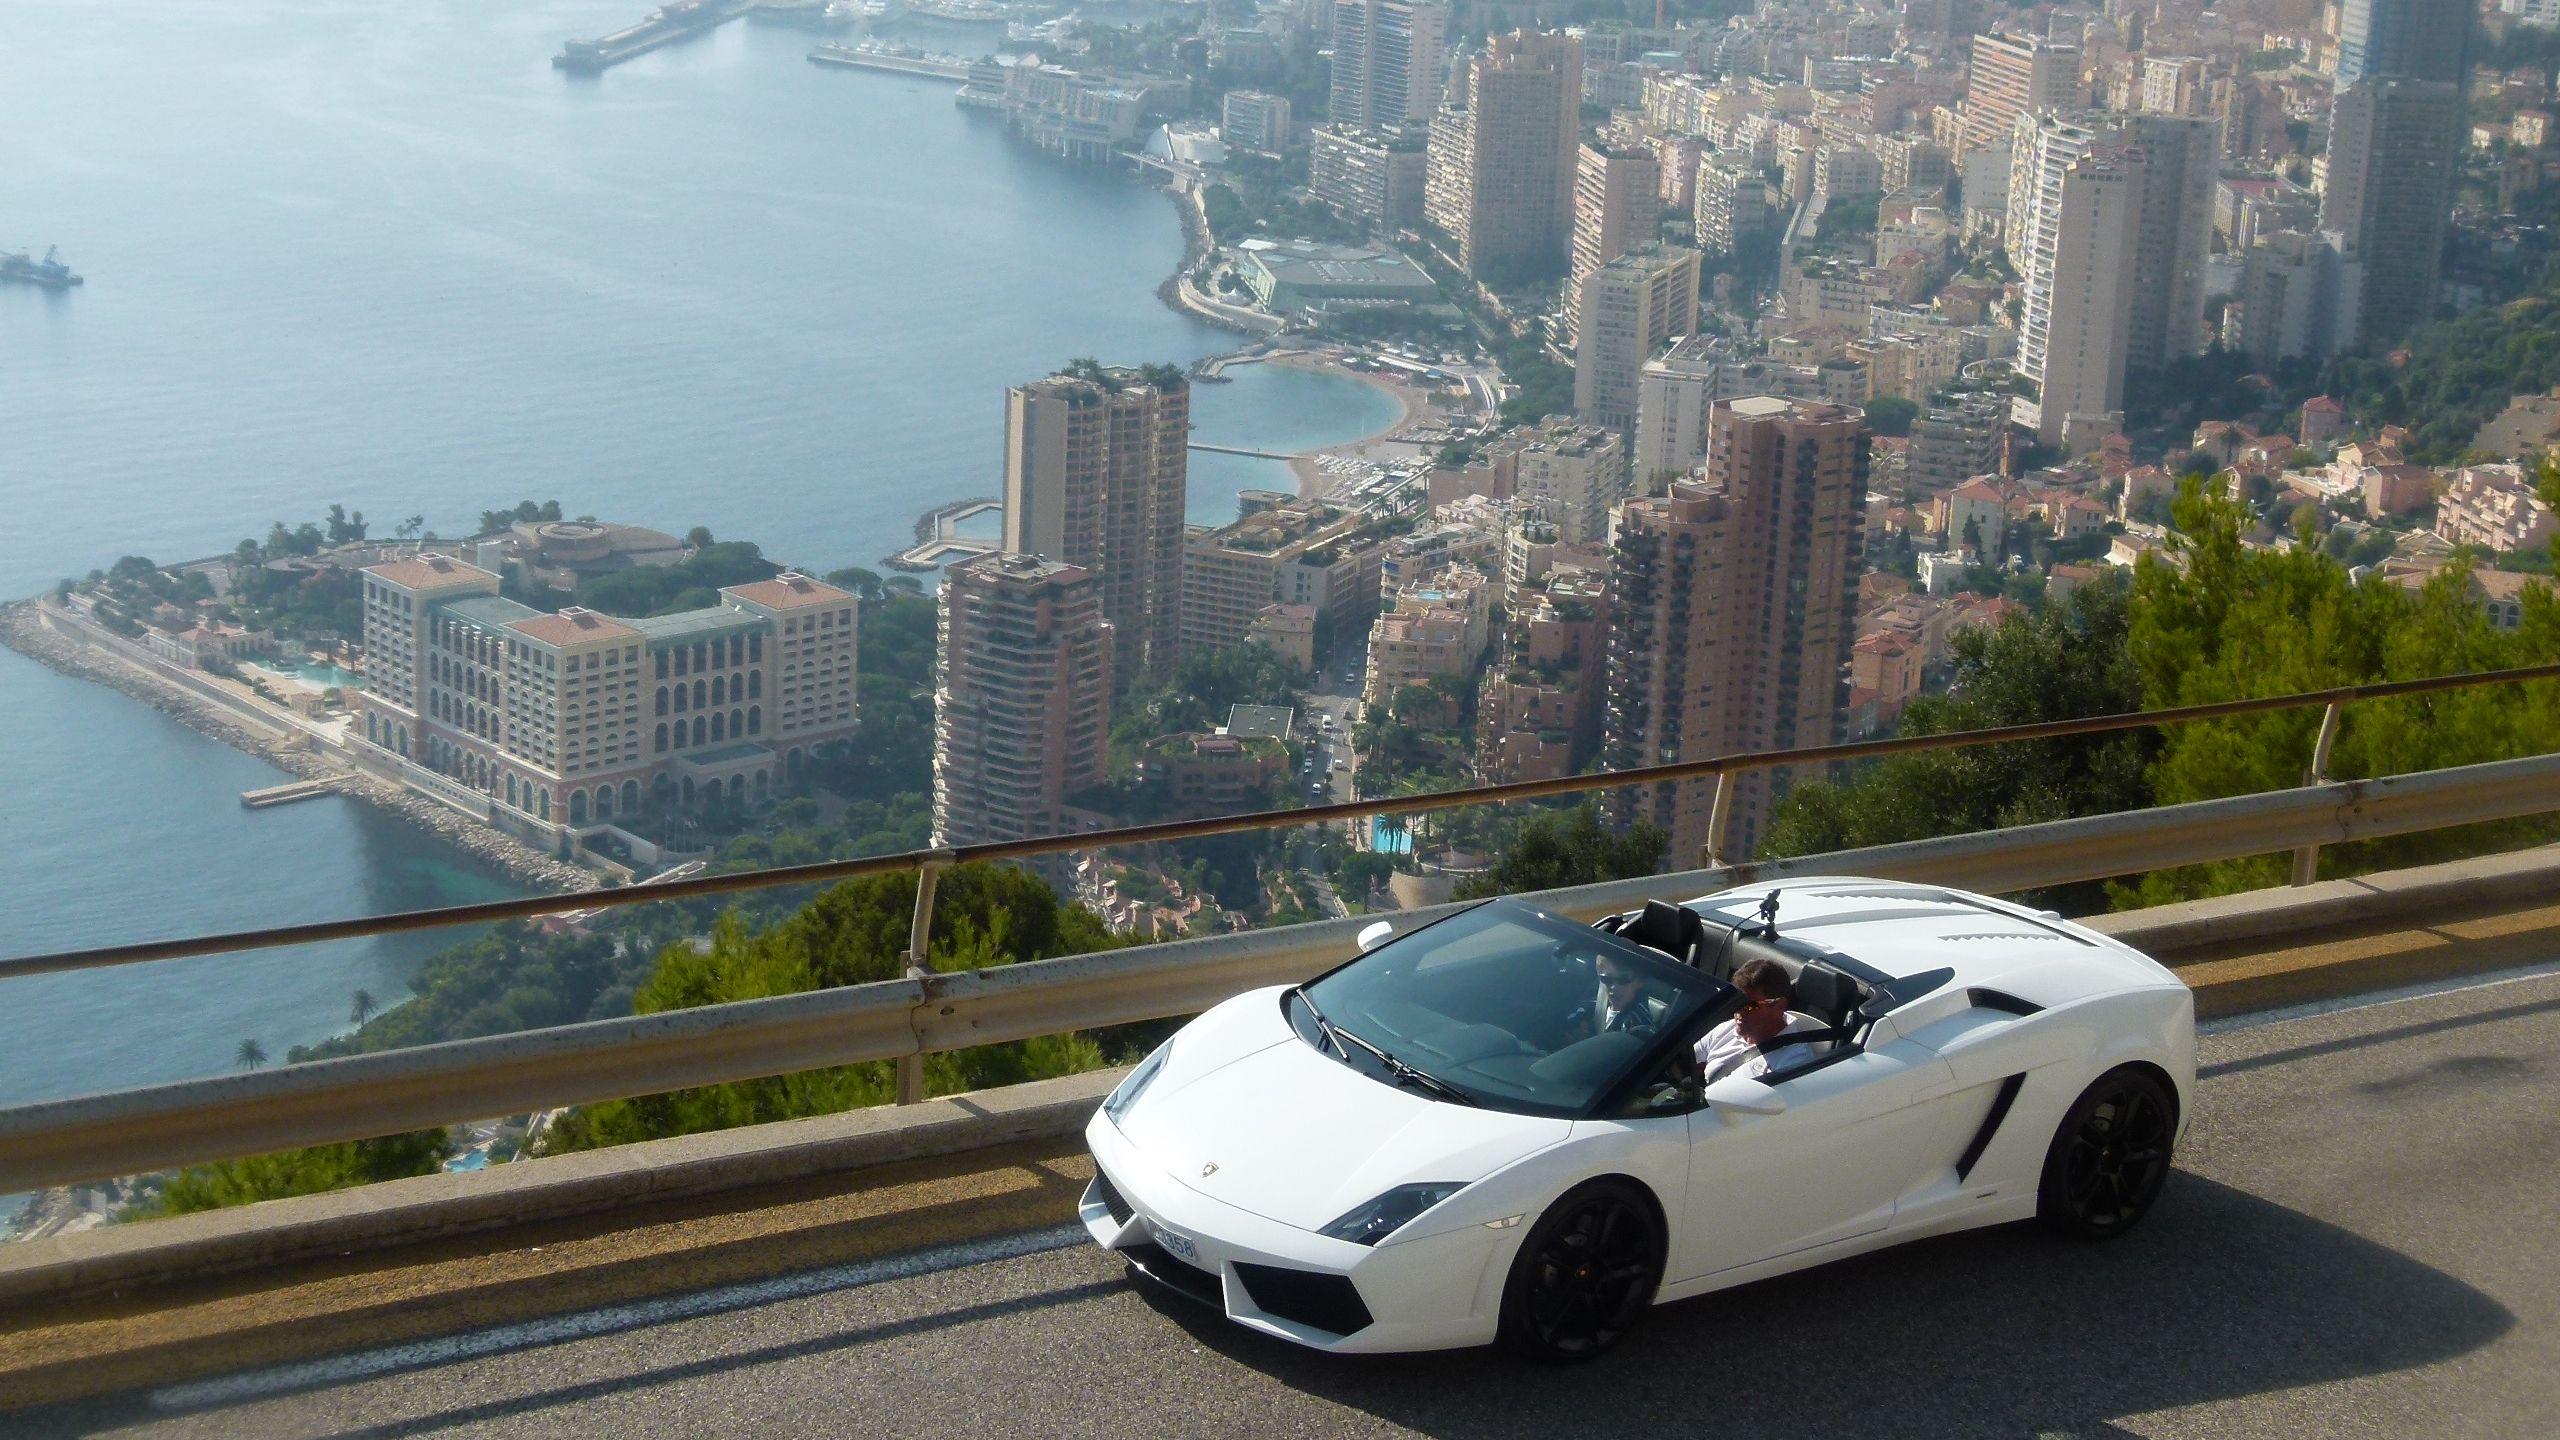 White Lamborghini driving over a bridge in Monaco